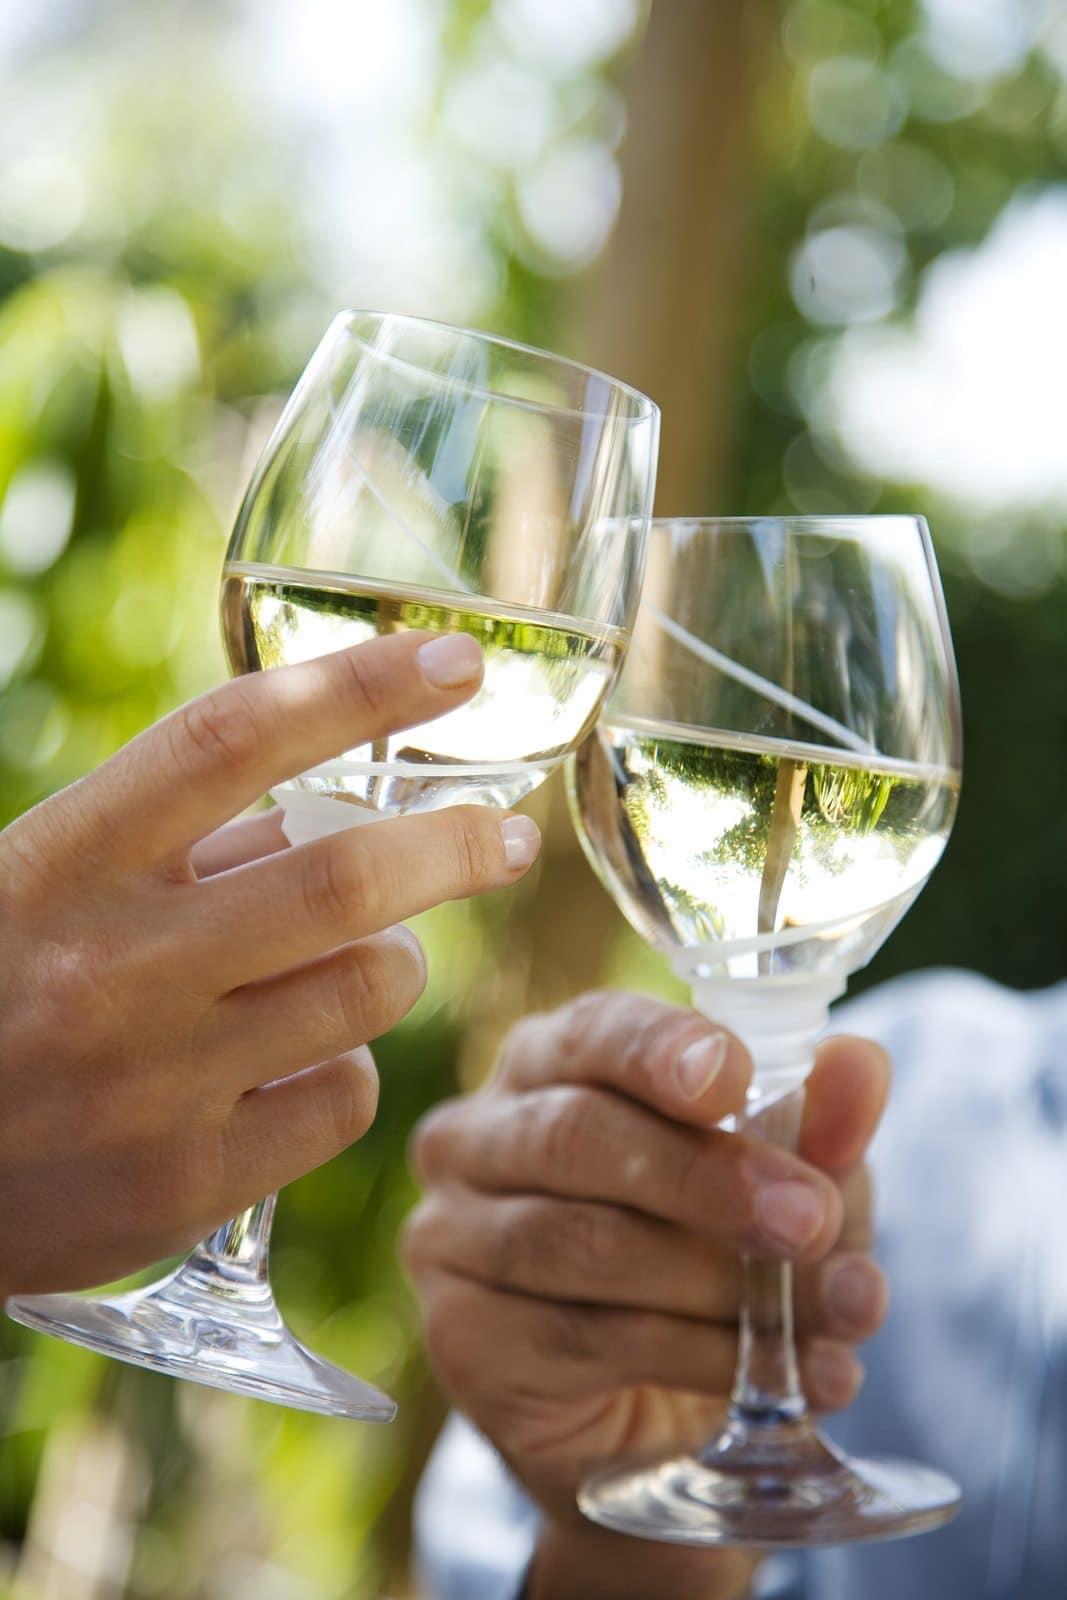 Los Carneros Wine Region in Napa and sonoma